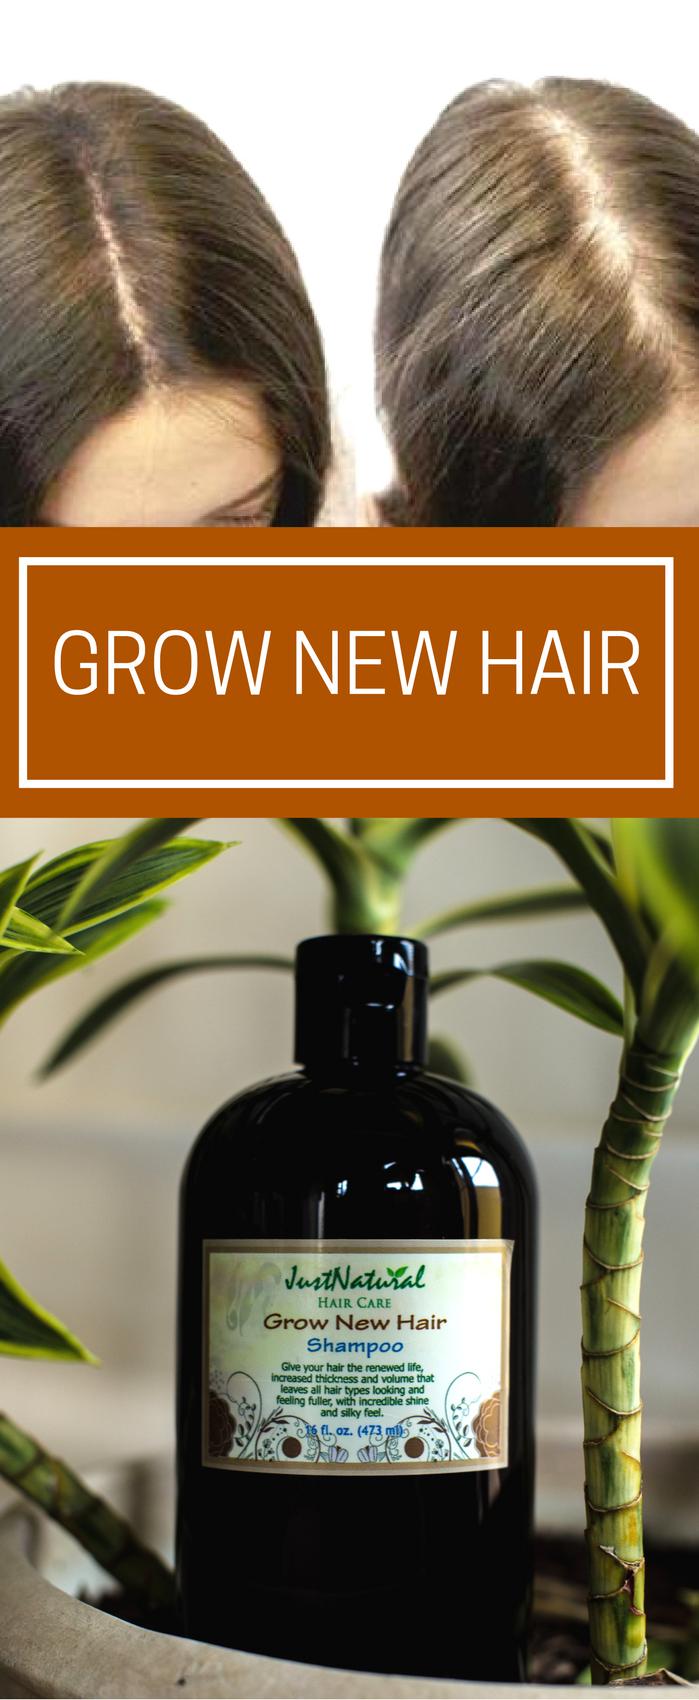 Grow New Hair Shampoo Hair Shampoo Shampoo Hair Fall Fall Hair